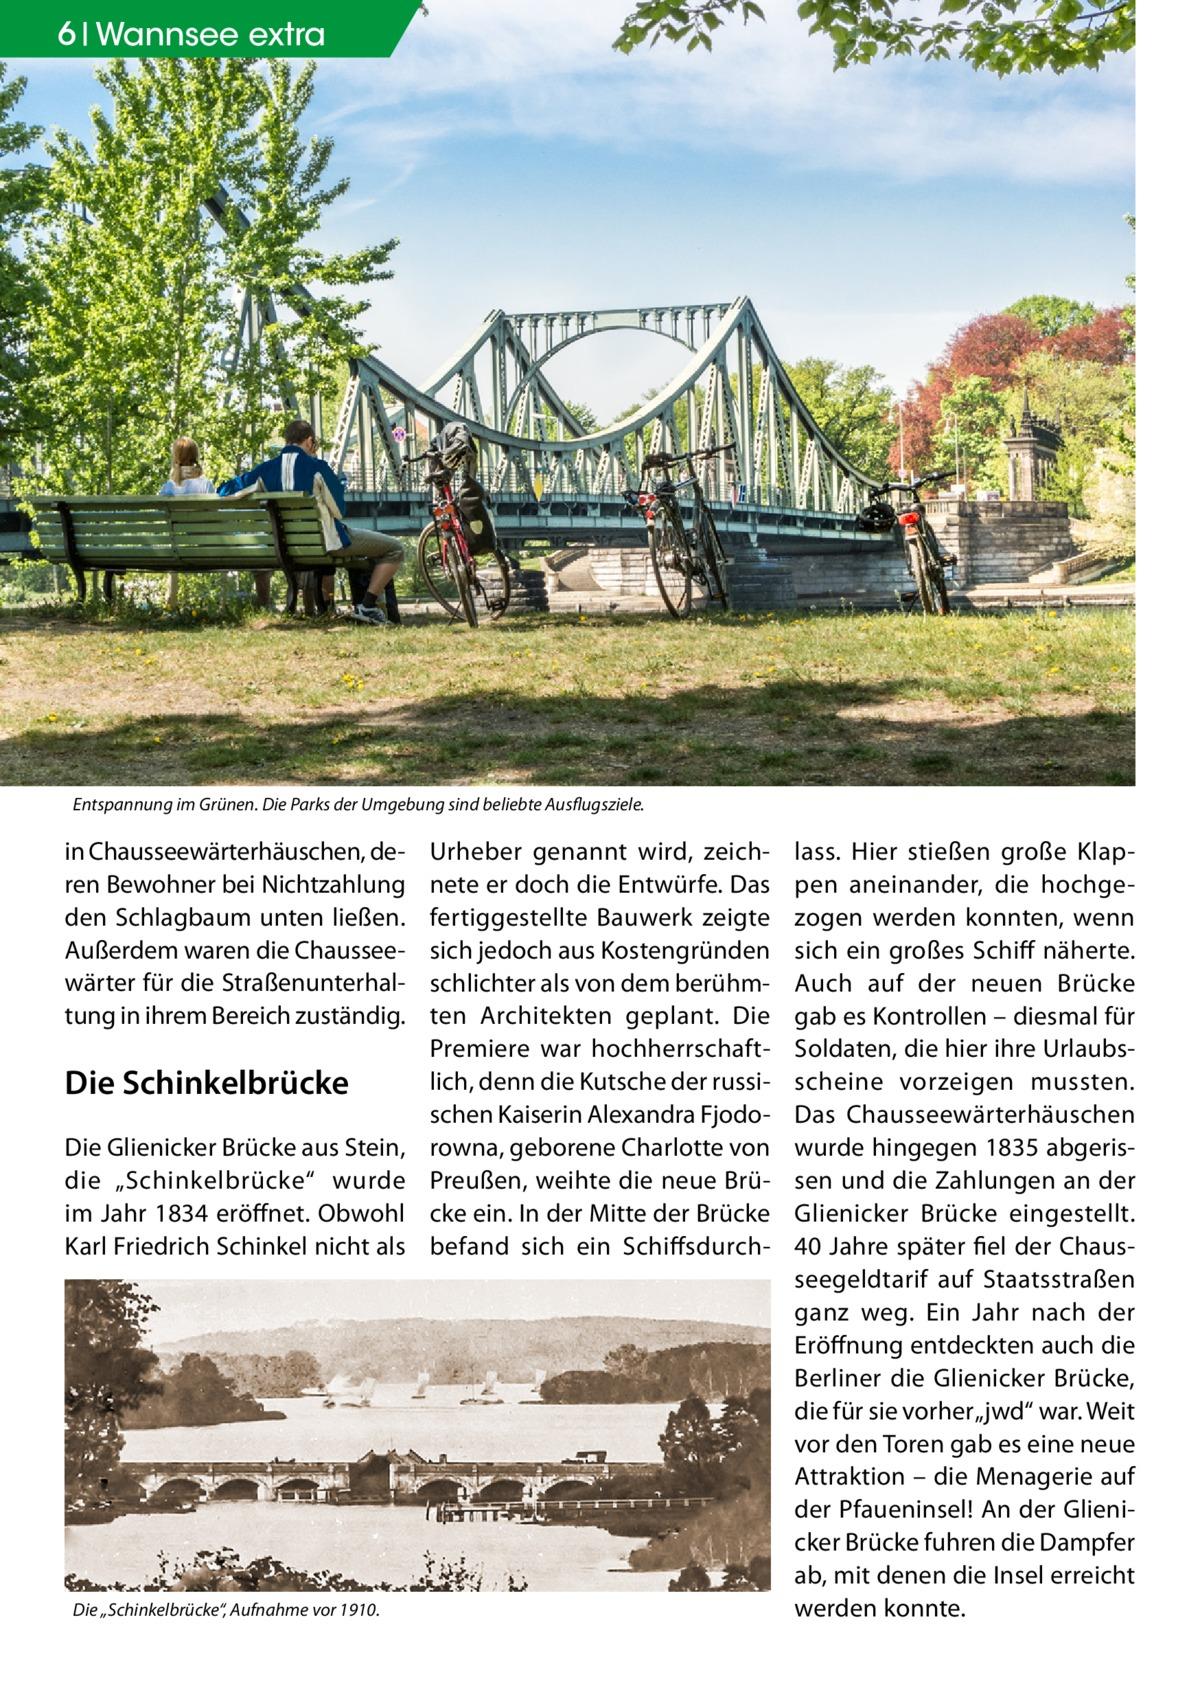 """6 Wannsee extra  Entspannung im Grünen. Die Parks der Umgebung sind beliebte Ausflugsziele.  in Chausseewärterhäuschen, deren Bewohner bei Nichtzahlung den Schlagbaum unten ließen. Außerdem waren die Chausseewärter für die Straßenunterhaltung in ihrem Bereich zuständig.  Die Schinkelbrücke Die Glienicker Brücke aus Stein, die """"Schinkelbrücke"""" wurde im Jahr 1834 eröffnet. Obwohl Karl Friedrich Schinkel nicht als  Die """"Schinkelbrücke"""", Aufnahme vor 1910.  Urheber genannt wird, zeichnete er doch die Entwürfe. Das fertiggestellte Bauwerk zeigte sich jedoch aus Kostengründen schlichter als von dem berühmten Architekten geplant. Die Premiere war hochherrschaftlich, denn die Kutsche der russischen Kaiserin Alexandra Fjodorowna, geborene Charlotte von Preußen, weihte die neue Brücke ein. In der Mitte der Brücke befand sich ein Schiffsdurch lass. Hier stießen große Klappen aneinander, die hochgezogen werden konnten, wenn sich ein großes Schiff näherte. Auch auf der neuen Brücke gab es Kontrollen – diesmal für Soldaten, die hier ihre Urlaubsscheine vorzeigen mussten. Das Chausseewärterhäuschen wurde hingegen 1835 abgerissen und die Zahlungen an der Glienicker Brücke eingestellt. 40 Jahre später fiel der Chausseegeldtarif auf Staatsstraßen ganz weg. Ein Jahr nach der Eröffnung entdeckten auch die Berliner die Glienicker Brücke, die für sie vorher """"jwd"""" war. Weit vor den Toren gab es eine neue Attraktion – die Menagerie auf der Pfaueninsel! An der Glienicker Brücke fuhren die Dampfer ab, mit denen die Insel erreicht werden konnte."""